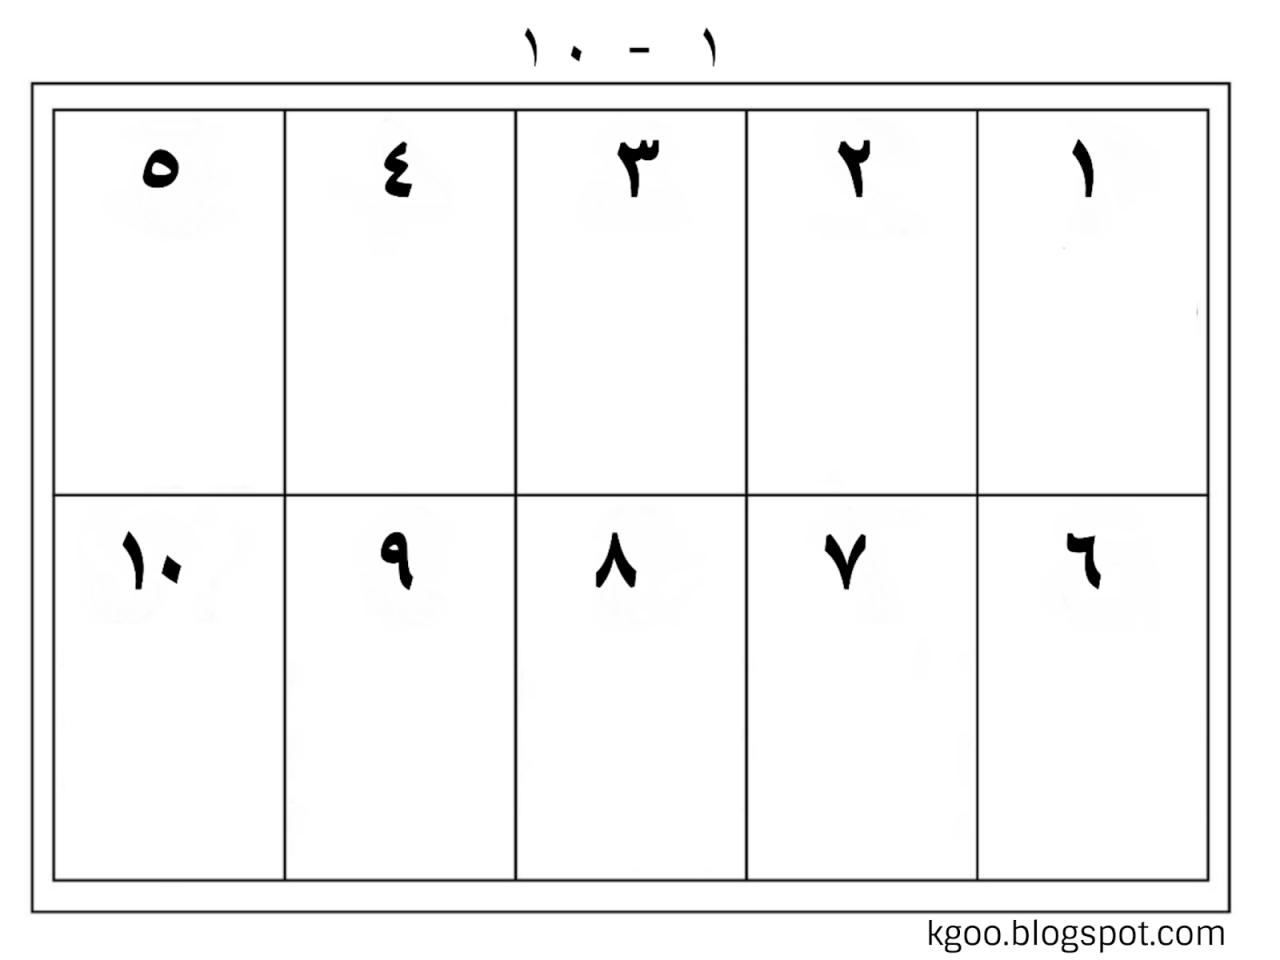 صورة الاعداد من 1 الى 10 , تعليم الاعداد للصغار